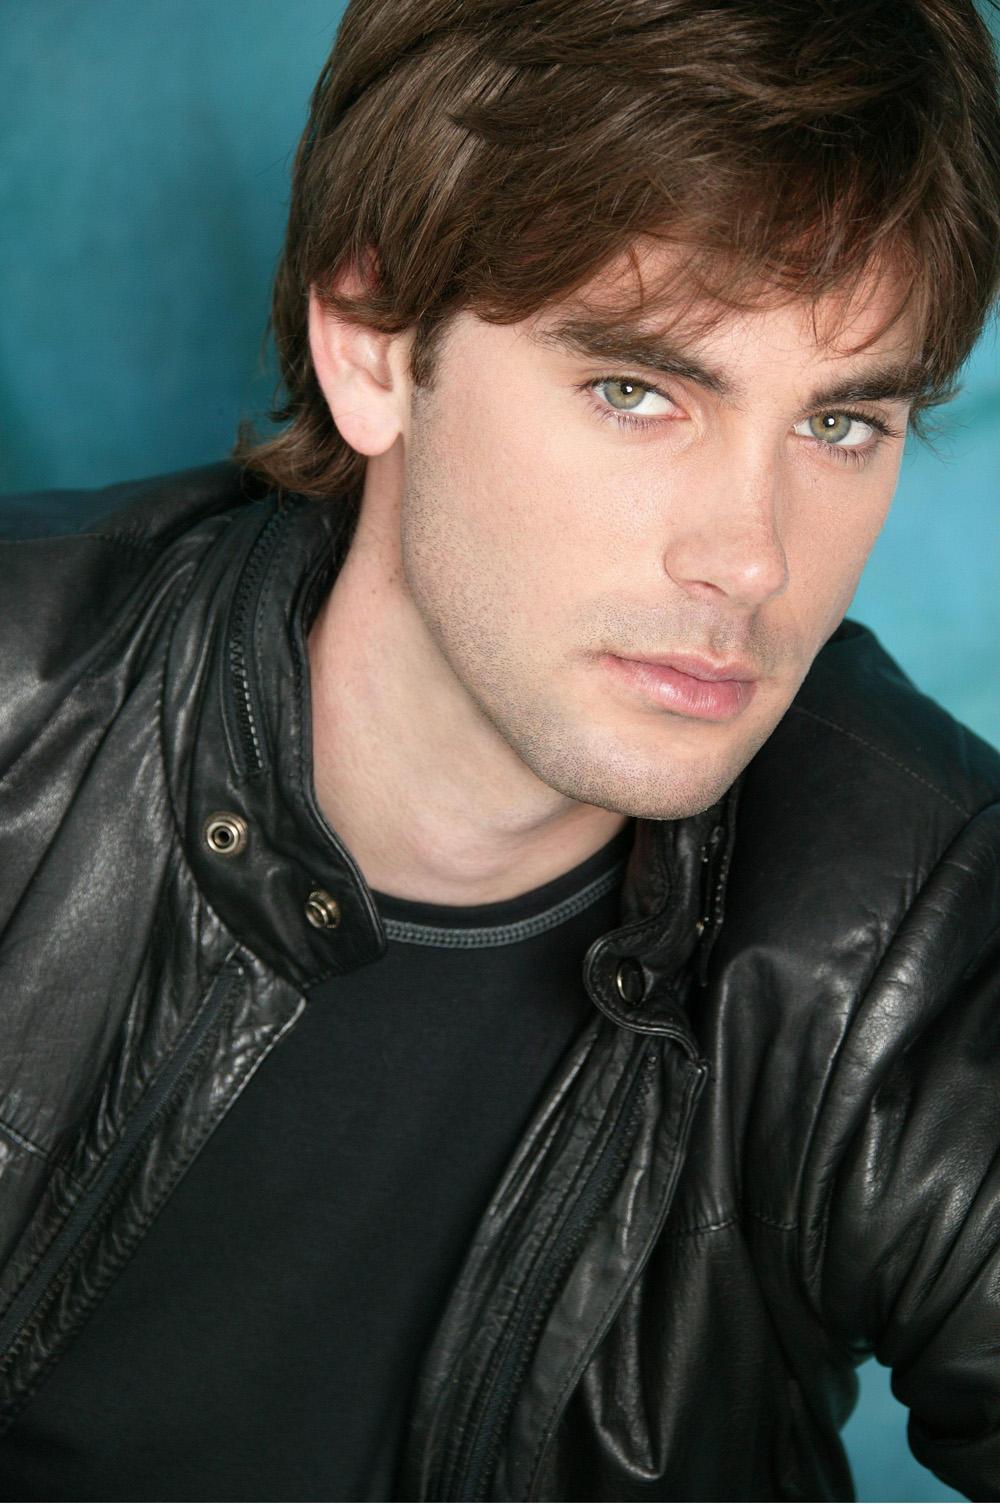 Крис из зачарованных актер клипы земфиры с литвиновой